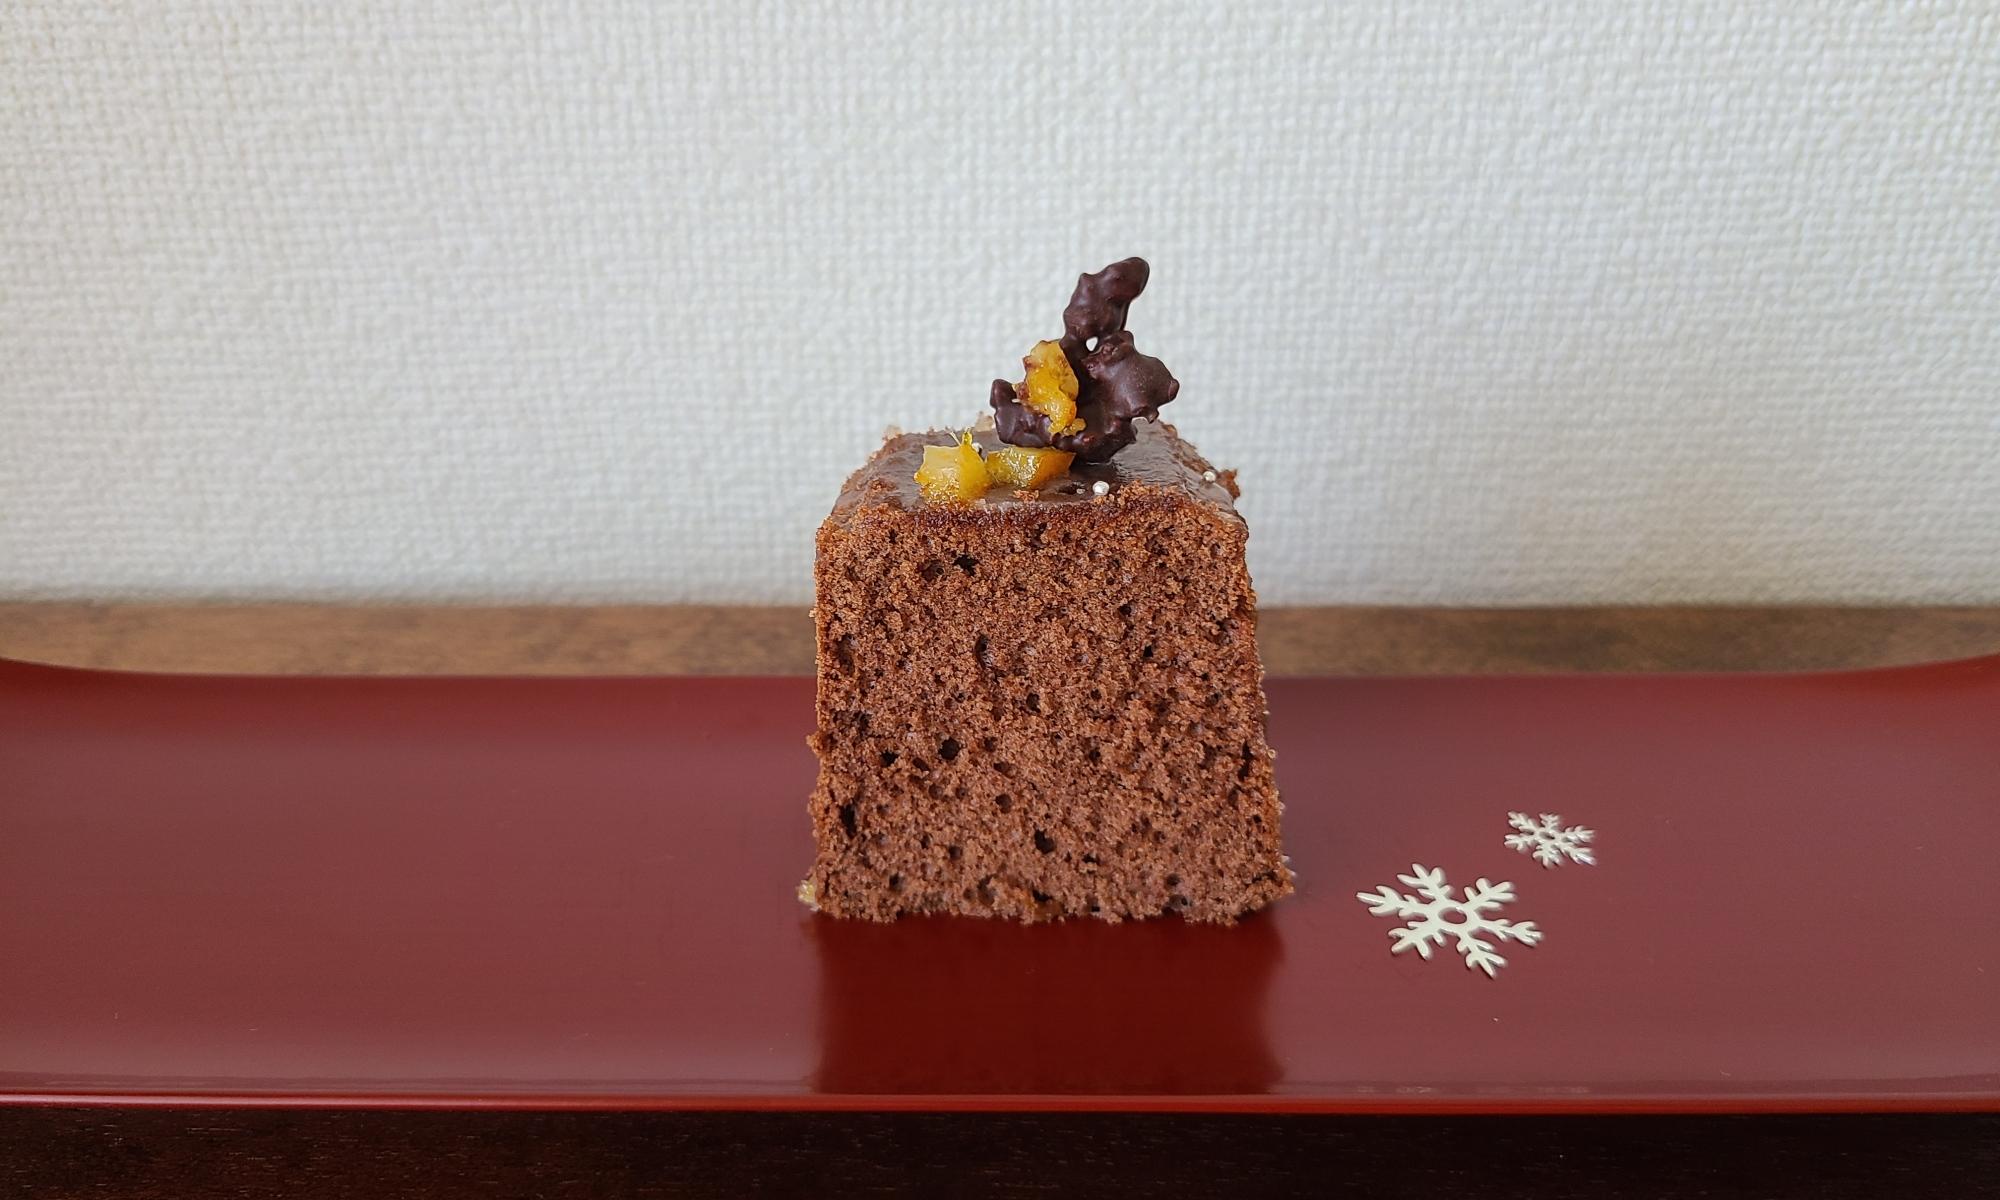 朱漆器の上にカットされたケーキが盛り付けられています。